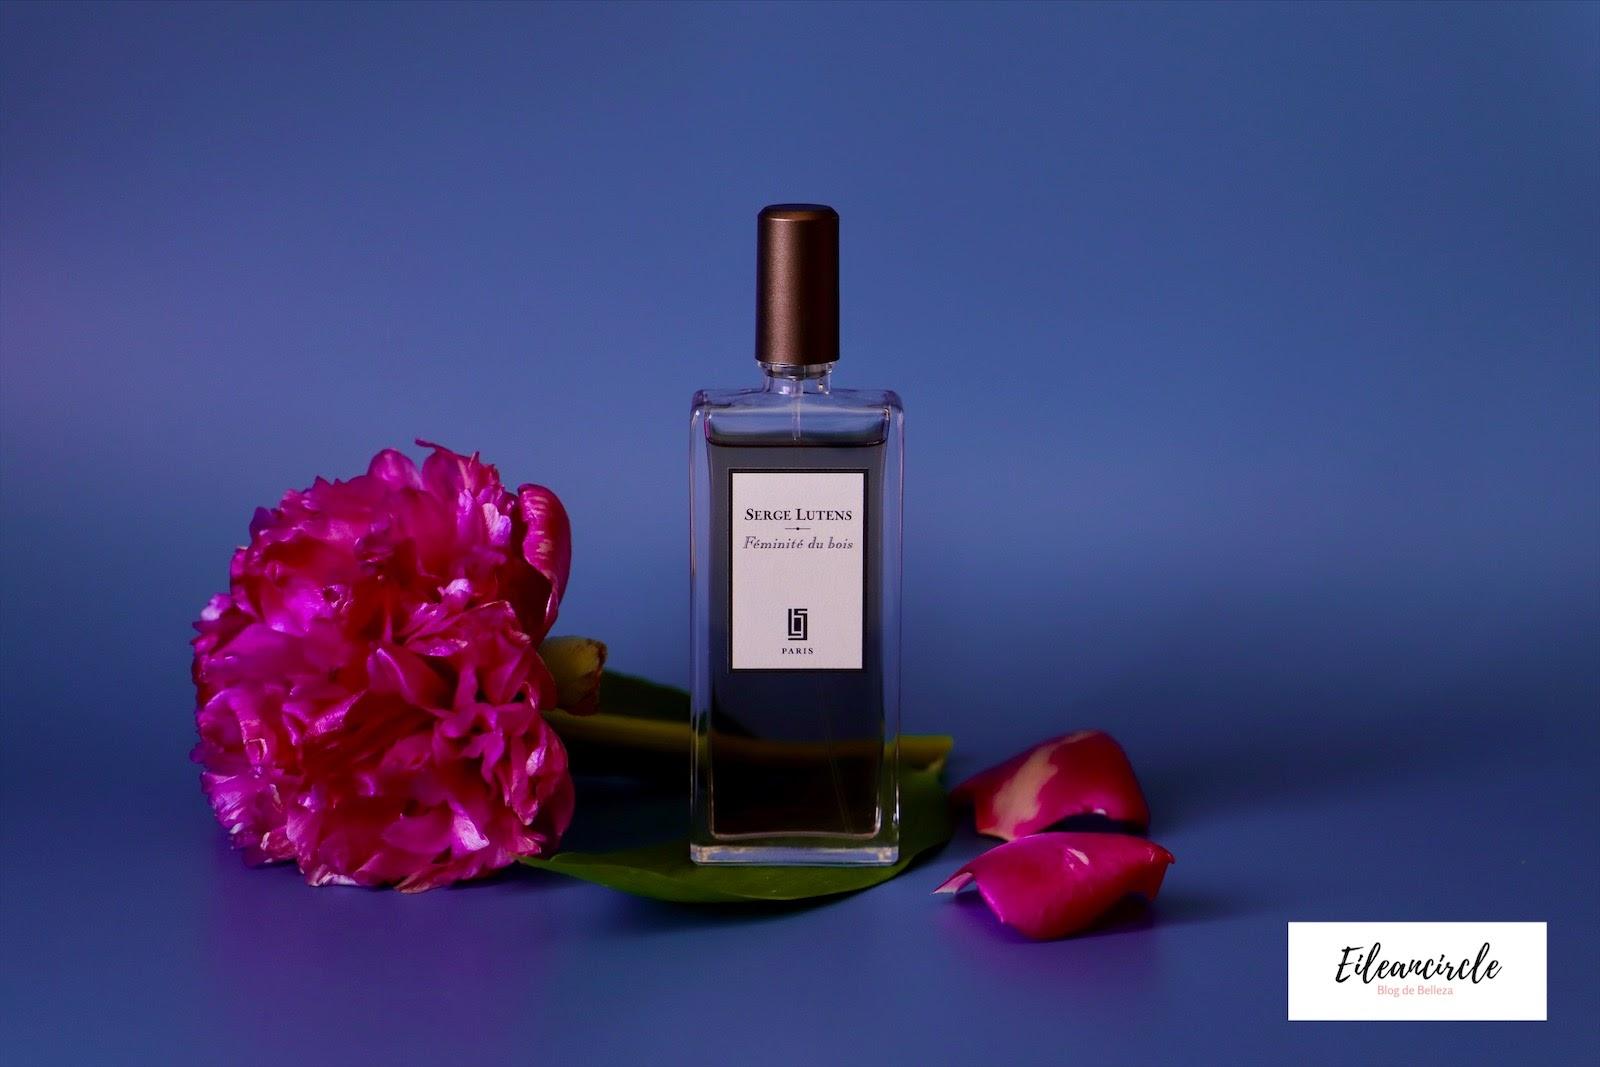 Perfume Féminité du bois de Serge Lutens